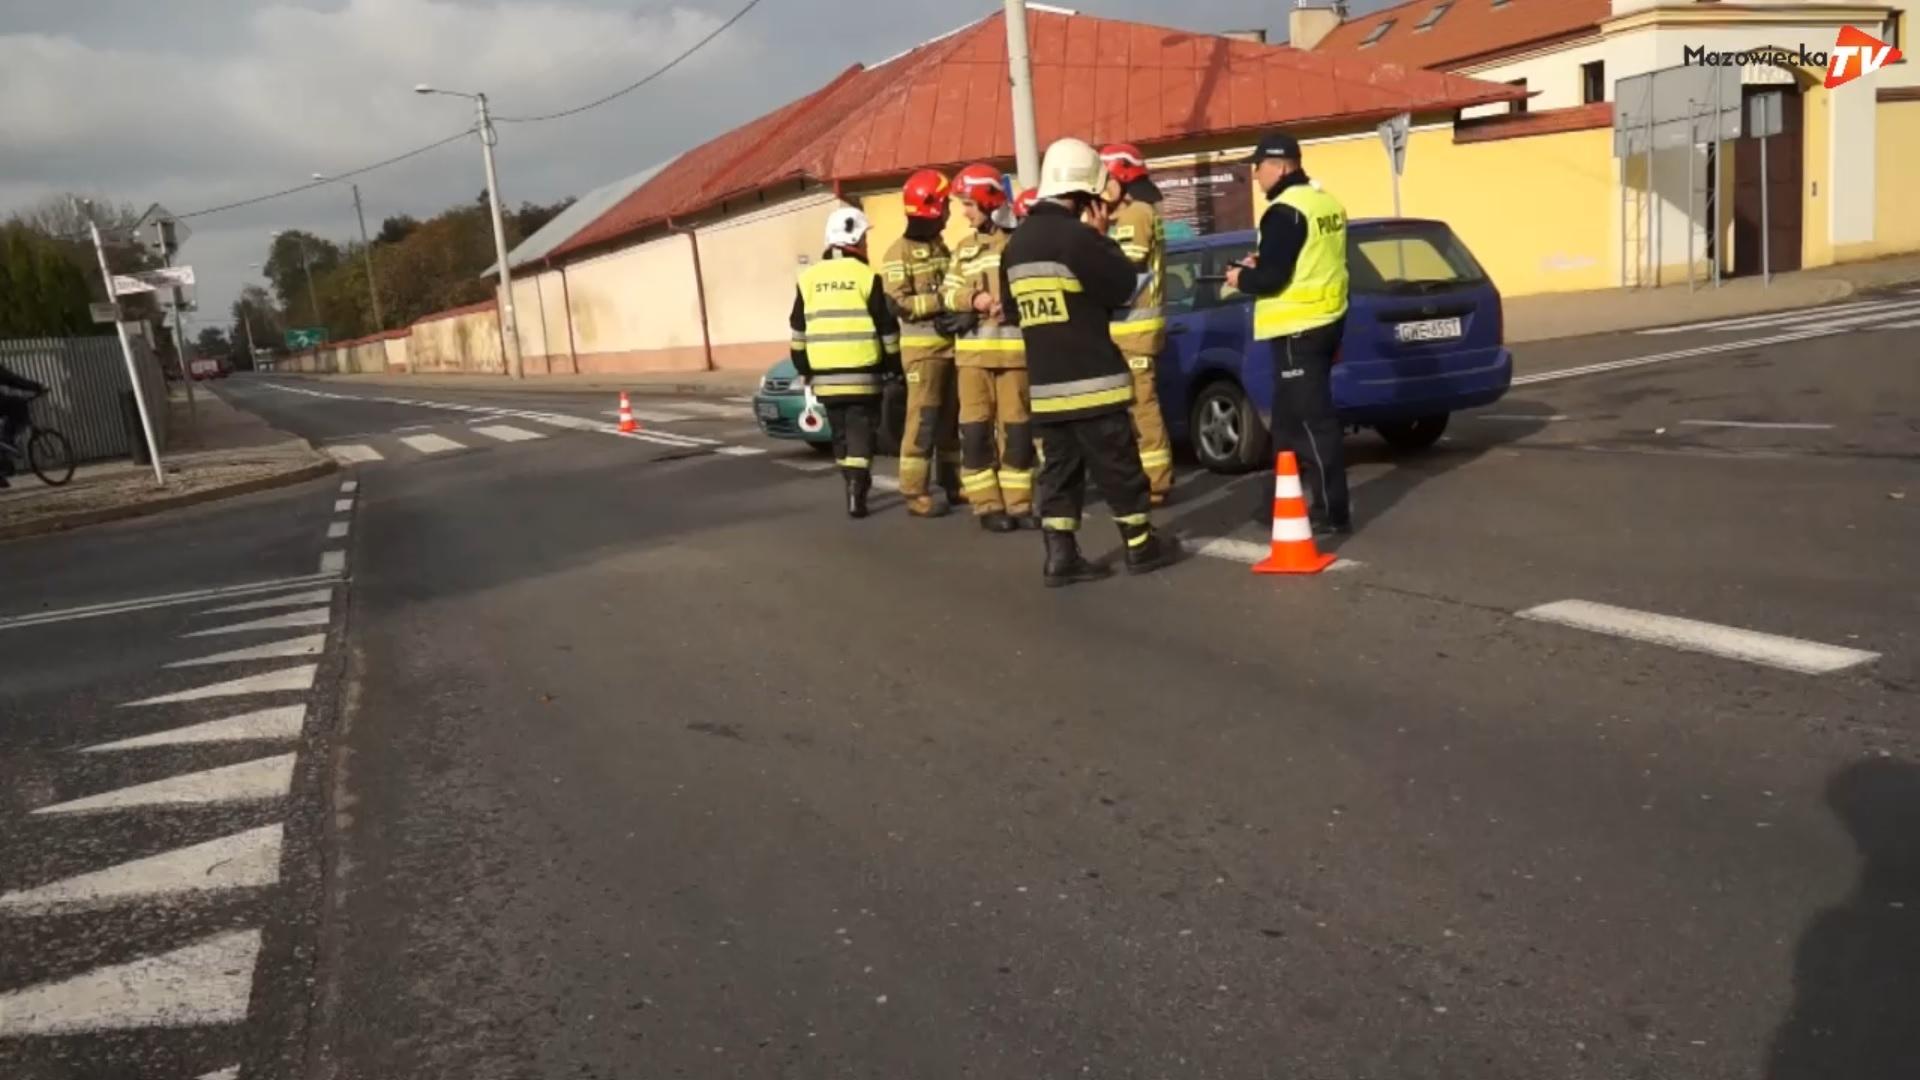 Wypadek w Nowym Mieście nad Pilicą